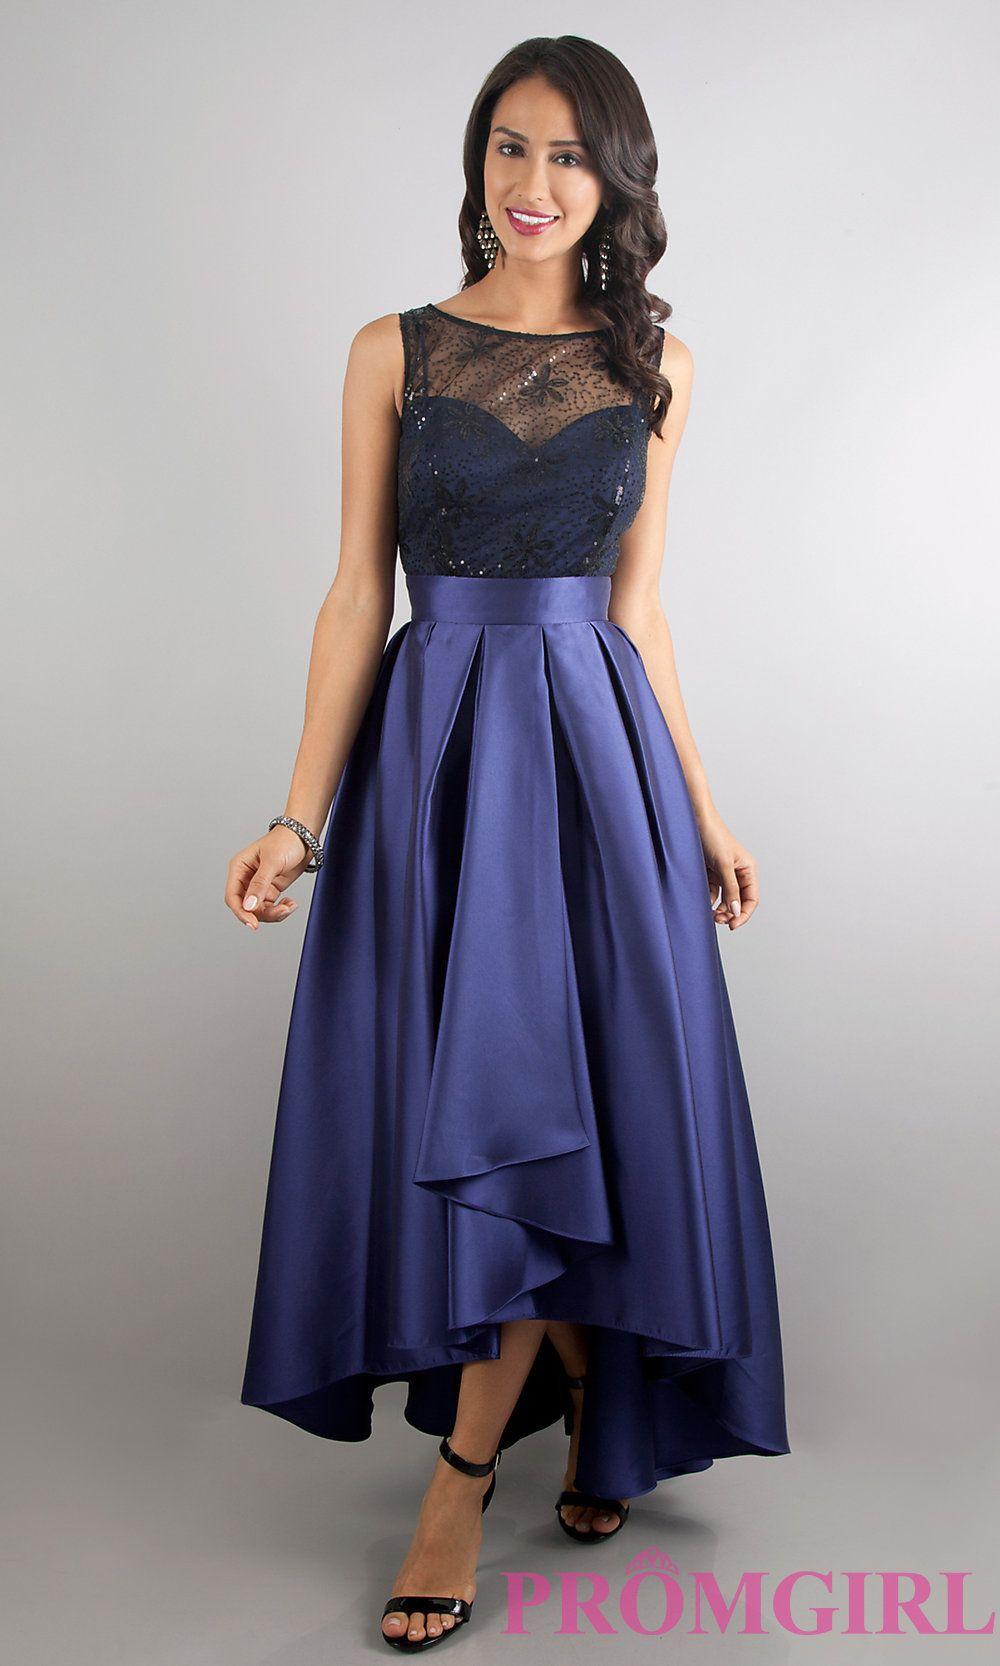 Pin de Estela Fernandez en Moda para dama | Pinterest | Moda para ...